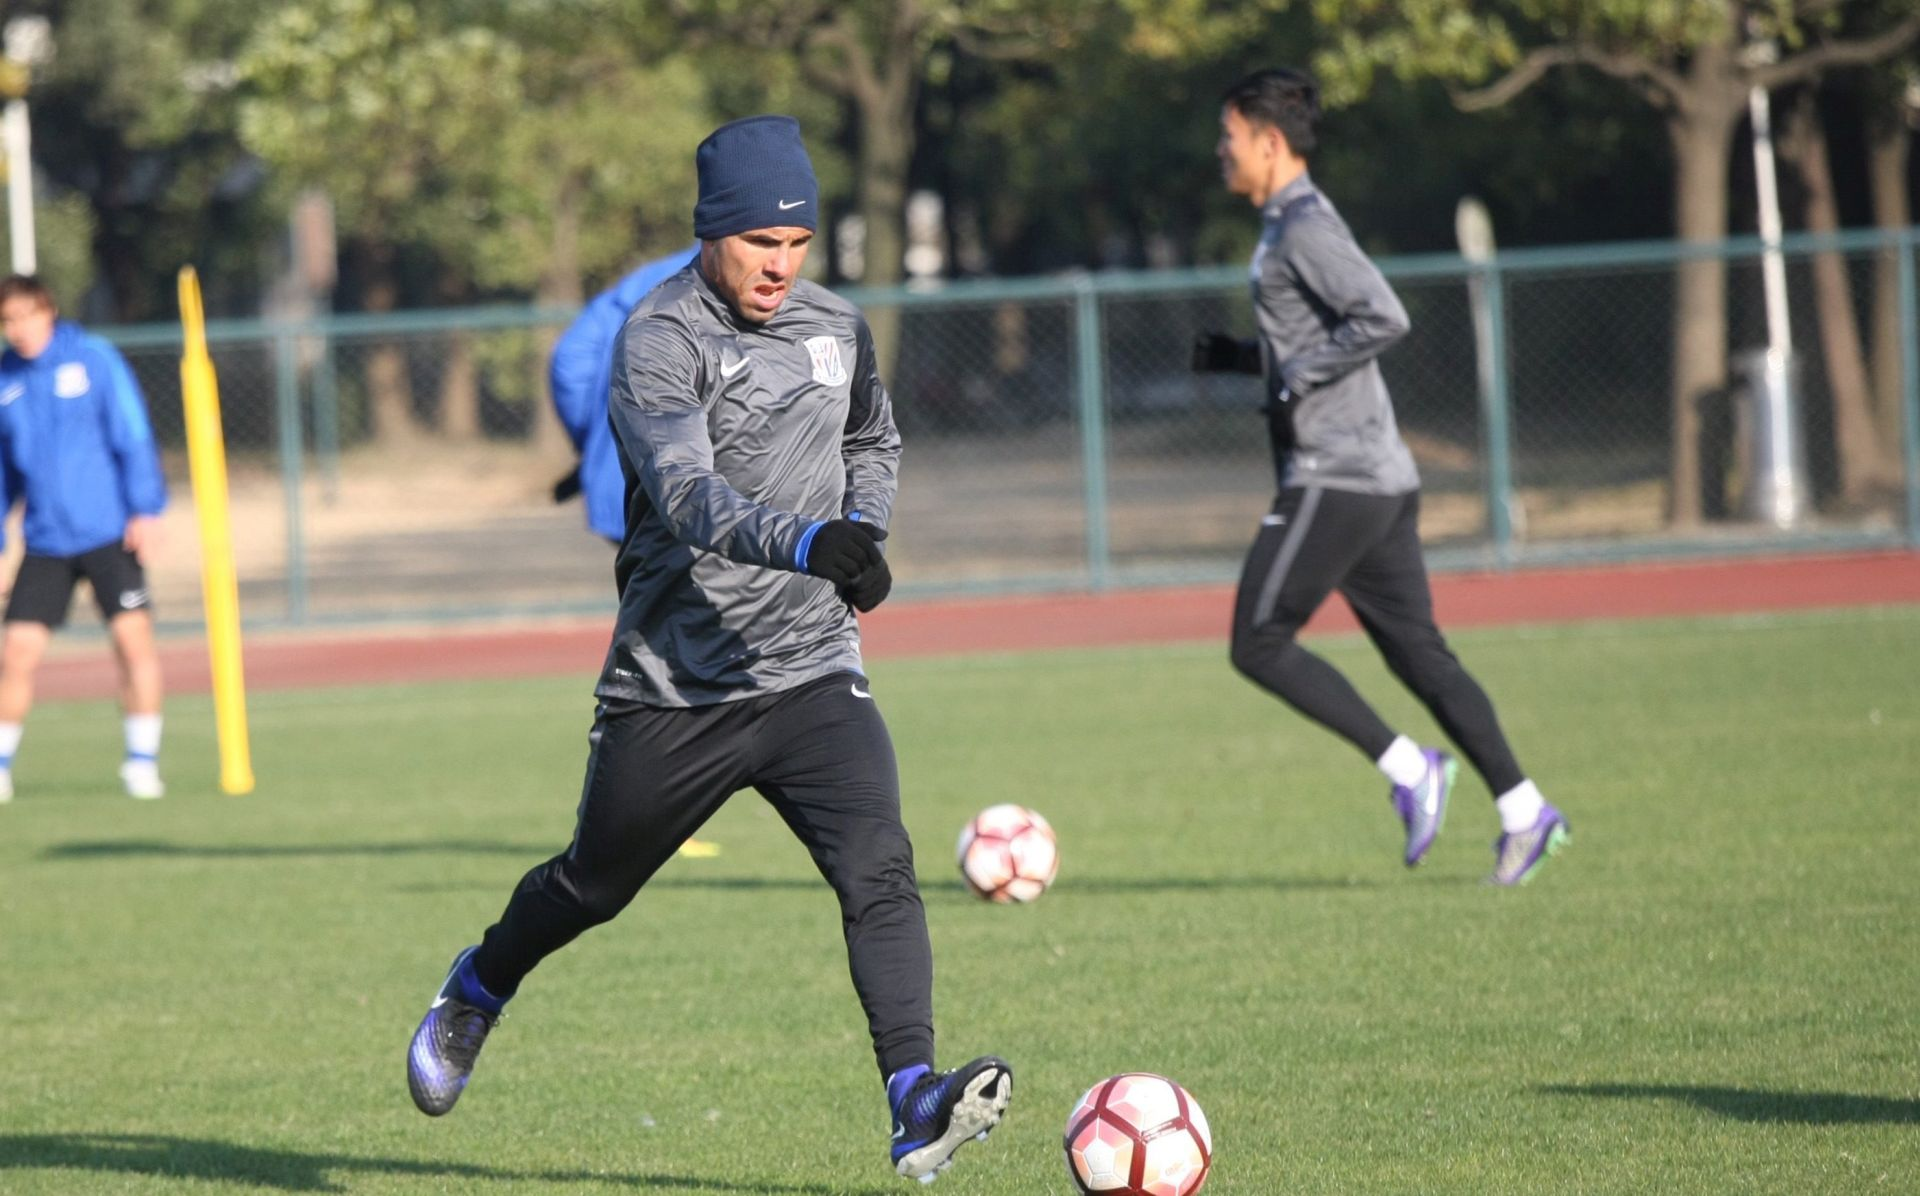 Kineski klubovi potrošili rekordnih 388 milijuna eura